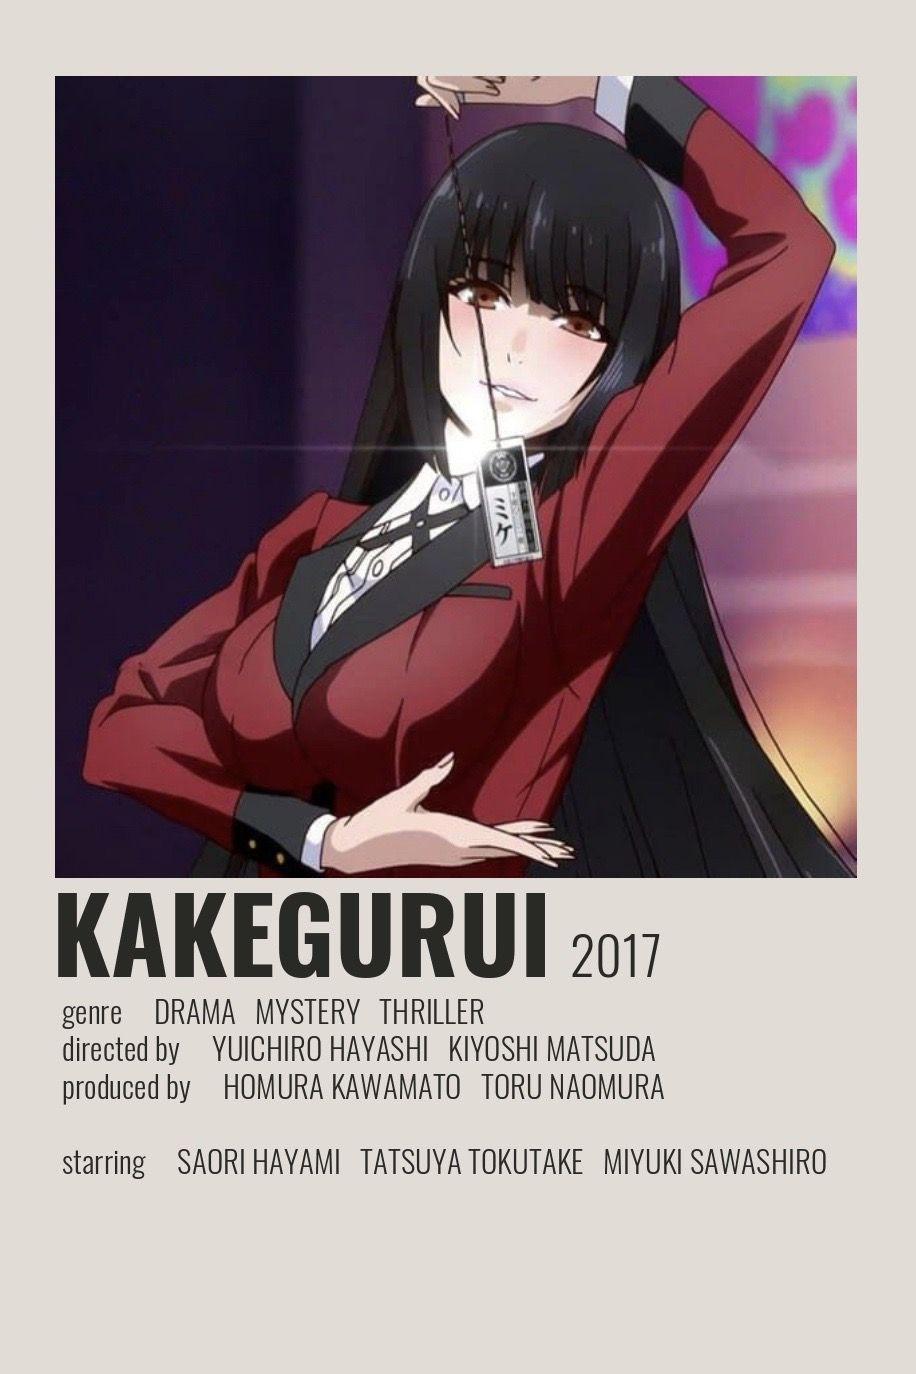 Kakegurui Poster by Cindy in 2020 Film posters